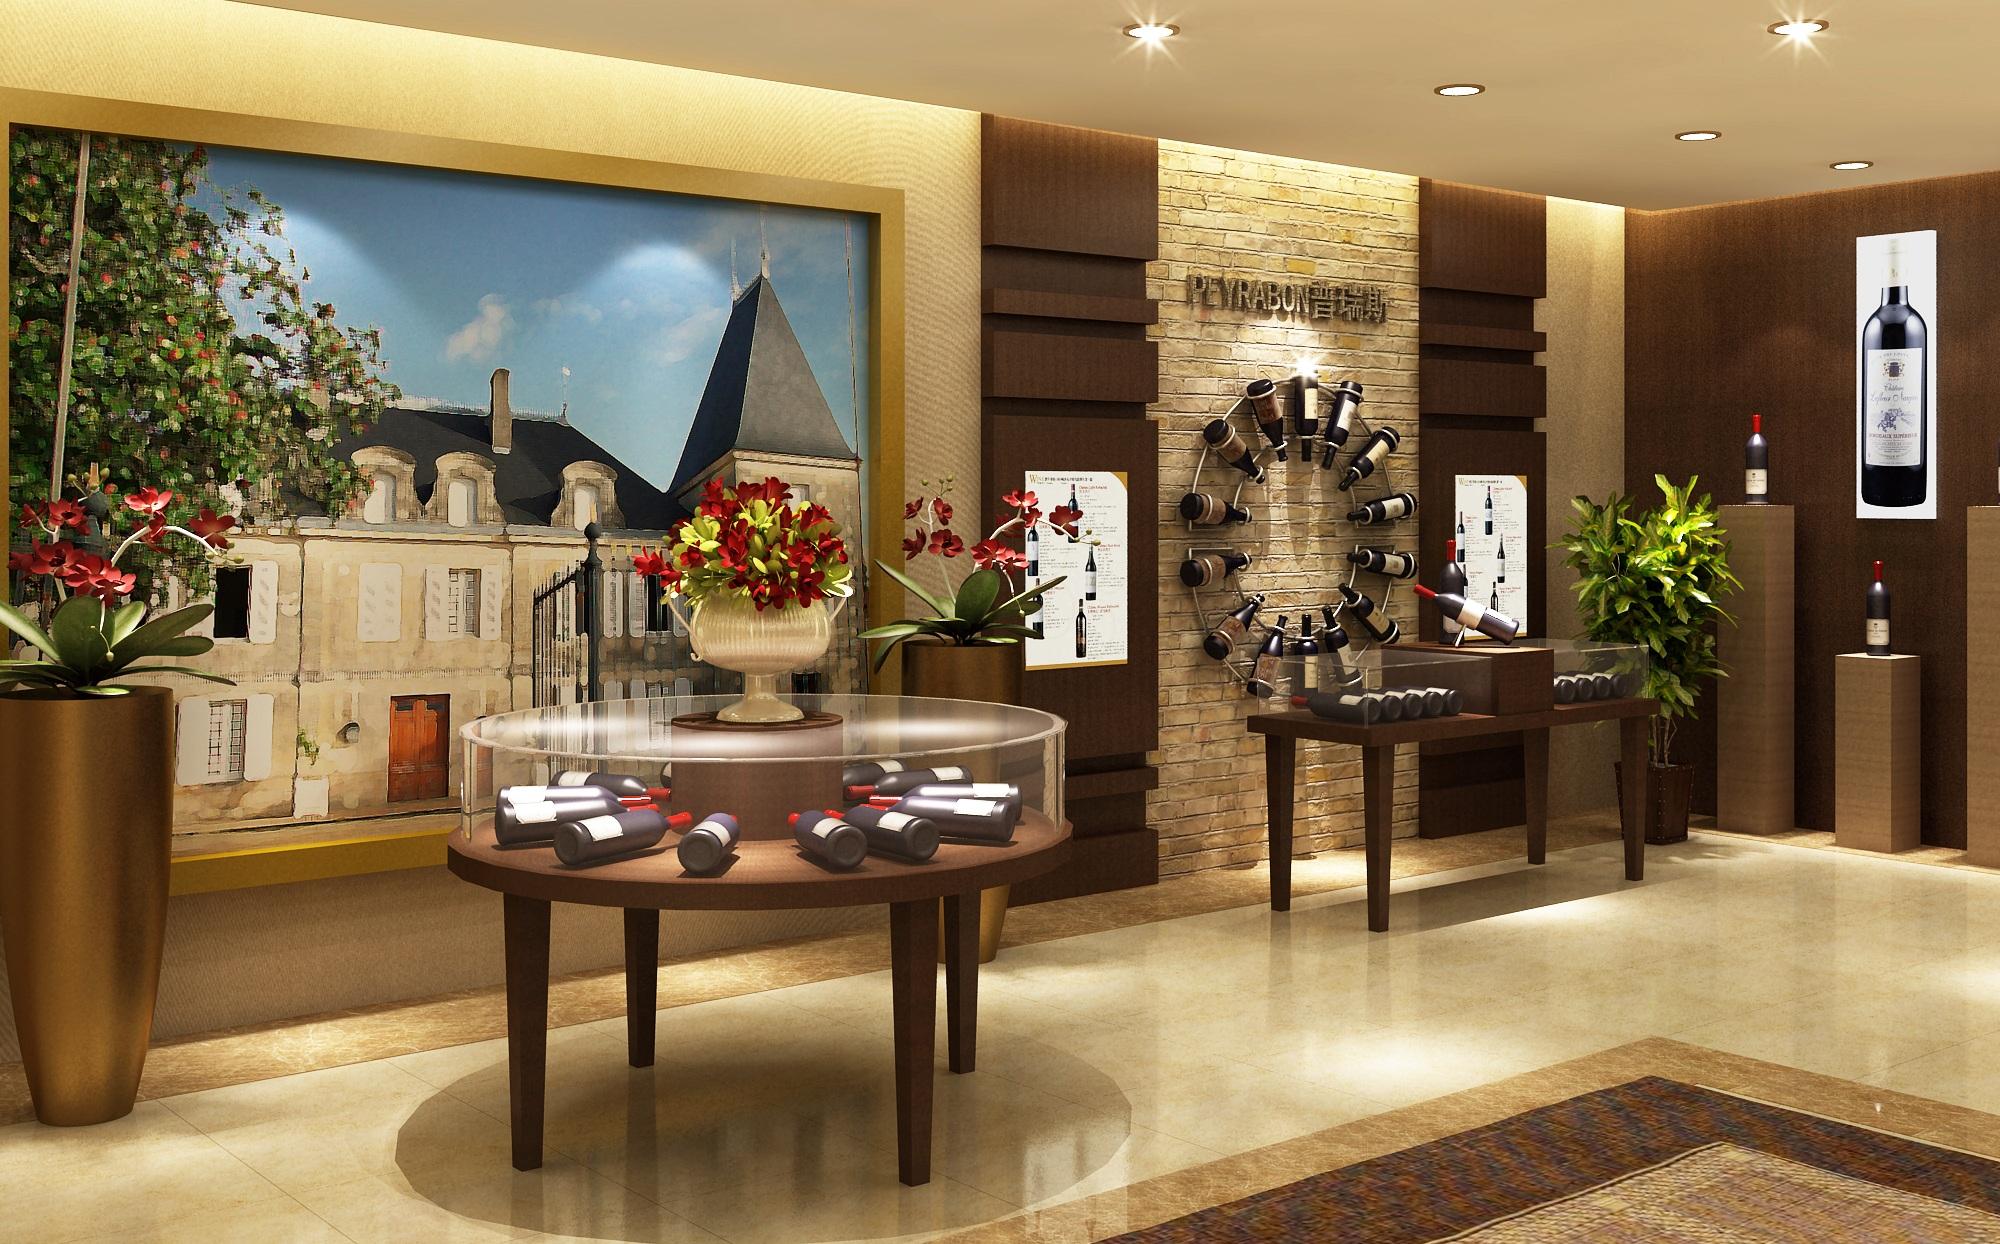 路易卡丹酒庄店招,形象墙,室内装修整套